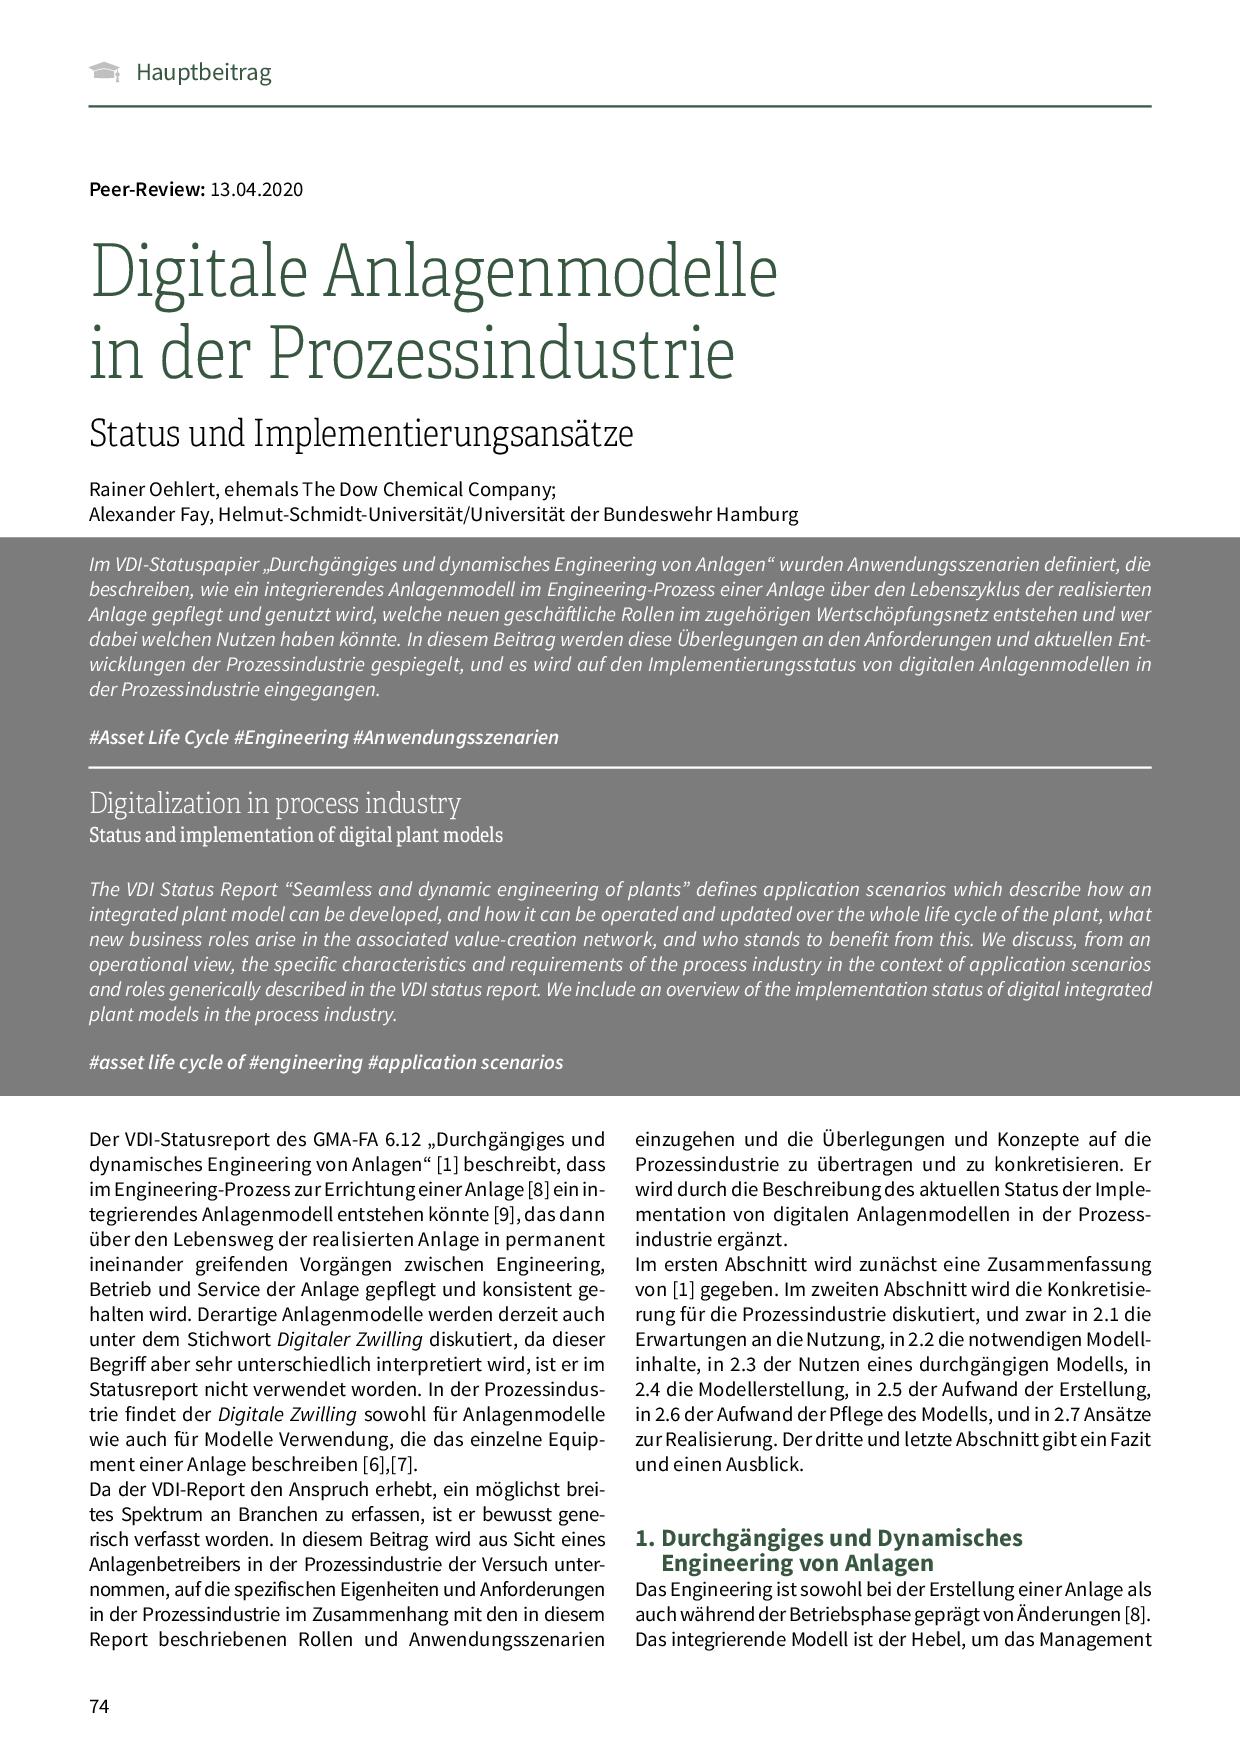 Digitale Anlagenmodelle in der Prozessindustrie